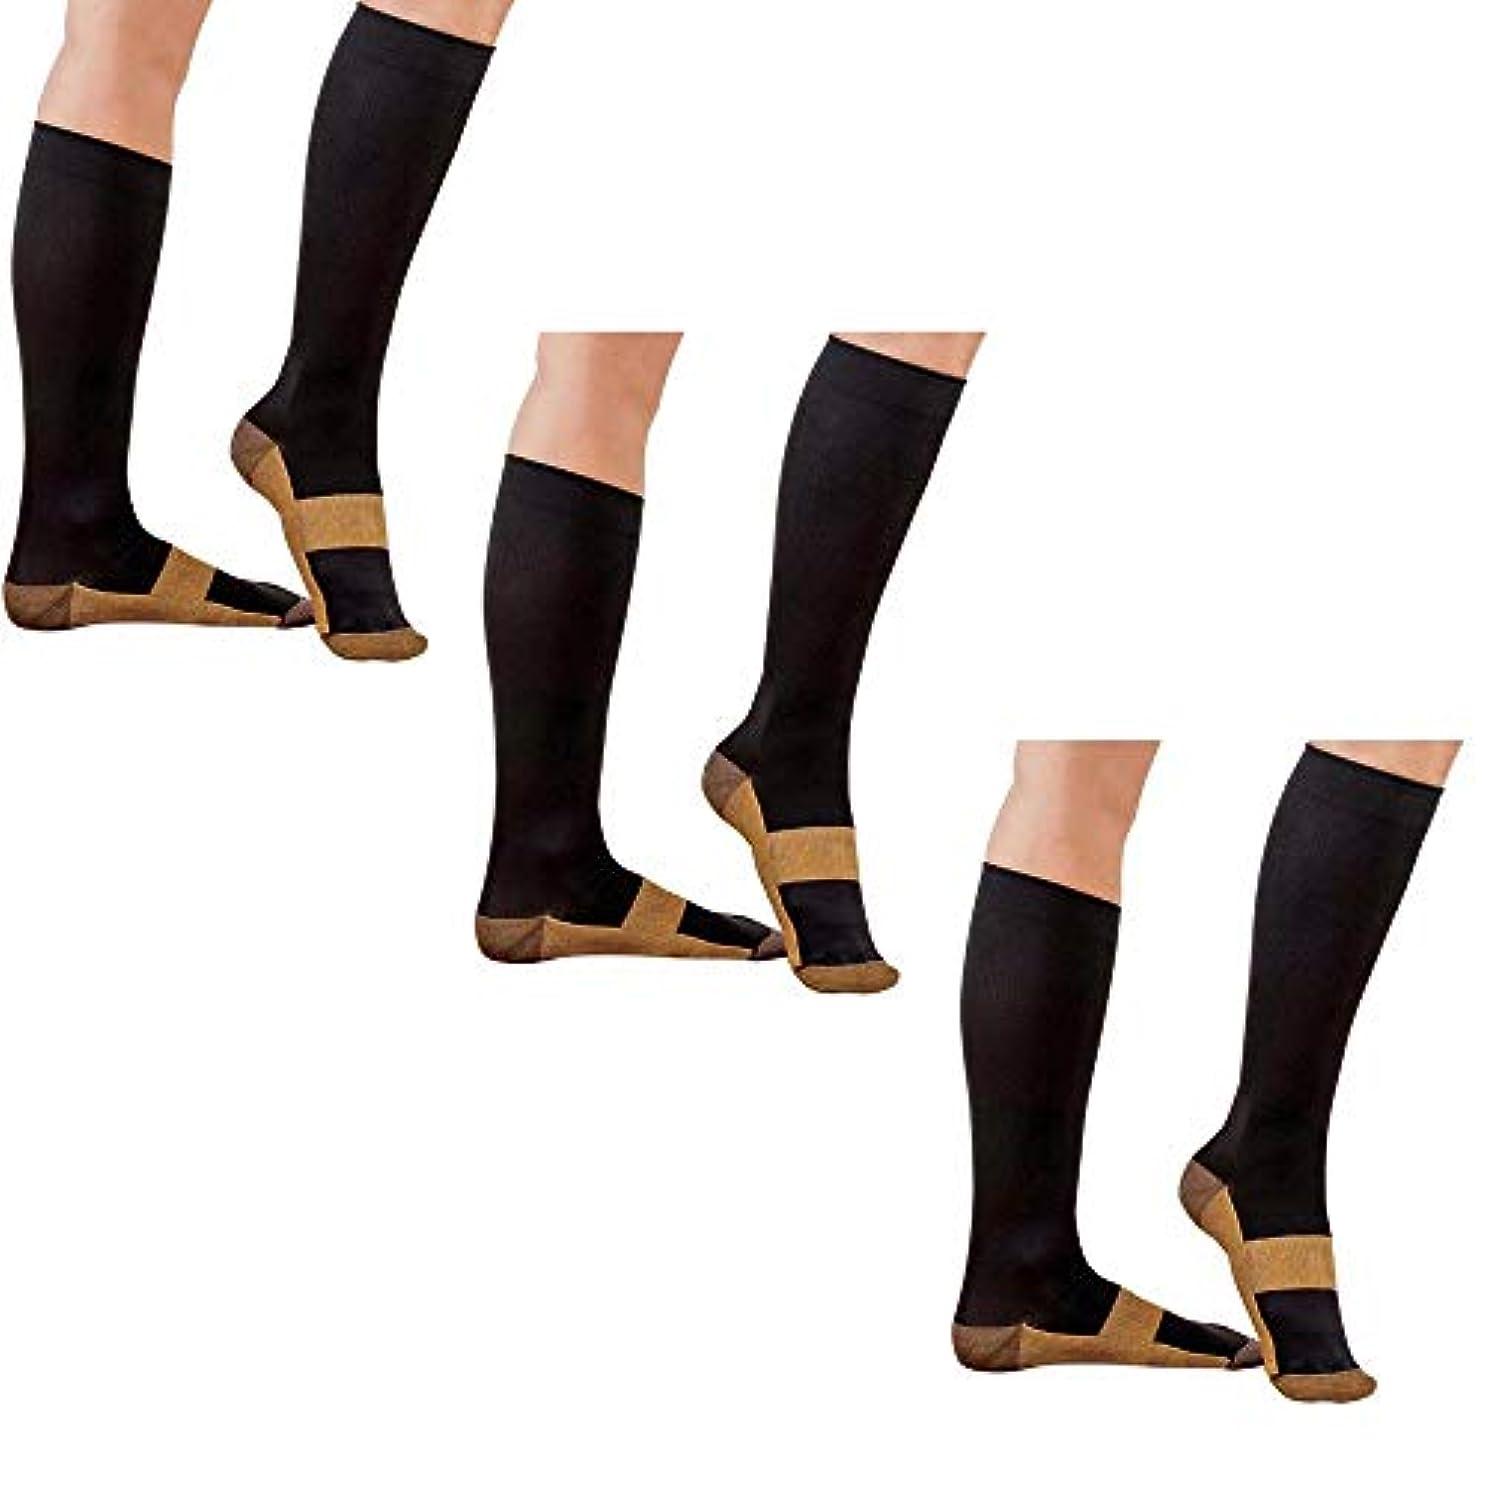 ミュート筋変動する3足組 足底筋膜炎ソックス 20-30mmHg 着圧ソックス 加圧ソックス スポーツソックス ふくらはぎ 静脈瘤 リンパケア ひざ下 血行改善 むくみケア用靴下 ハイソックス むくみ 解消 足 メンズ レディース(S/M)